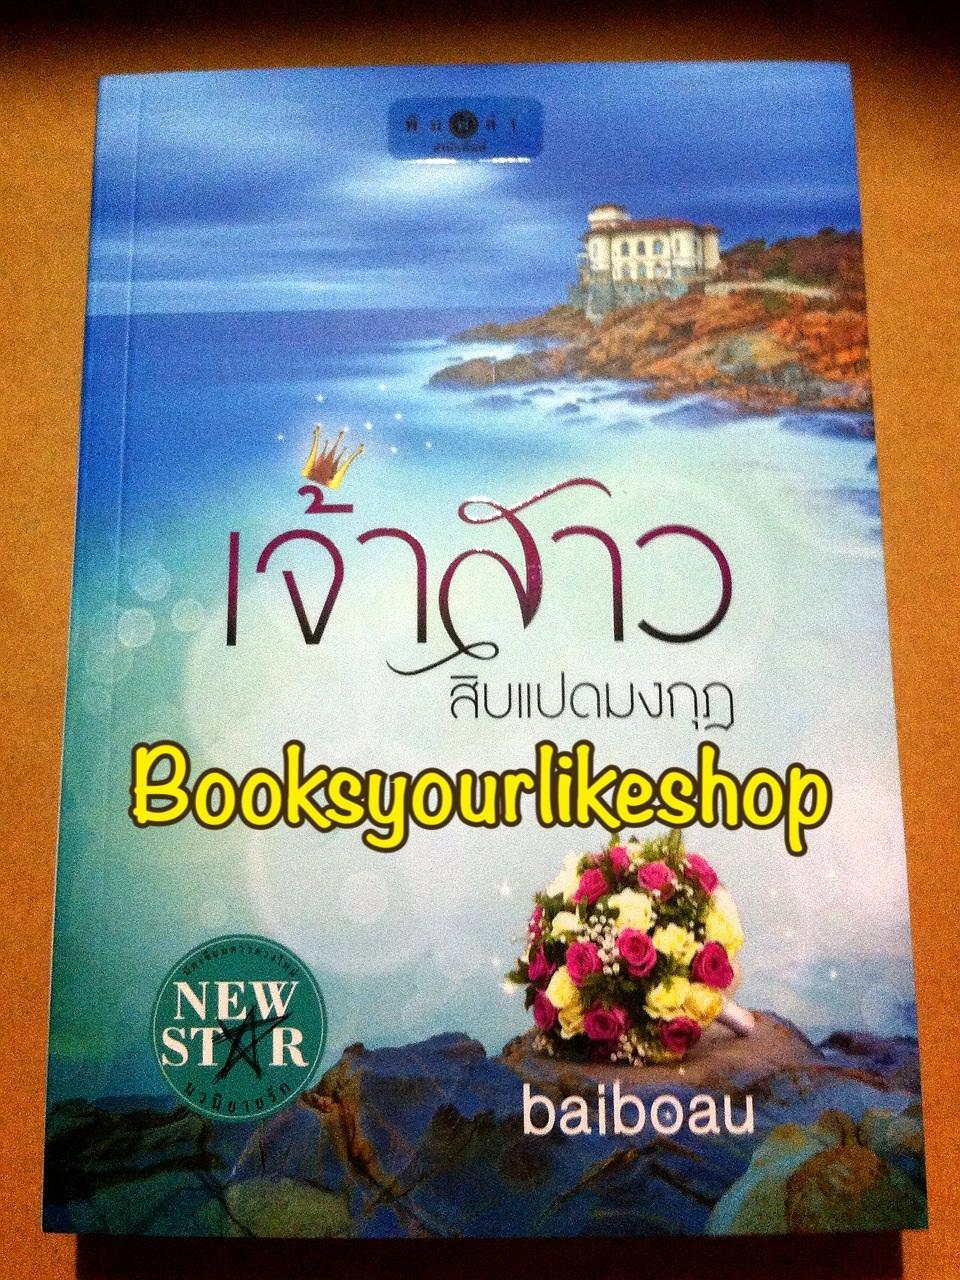 ส่งฟรี เจ้าสาวสิบแปดมงกุฏ / baiboau หนังสือใหม่ *** สนุกค่ะ ***